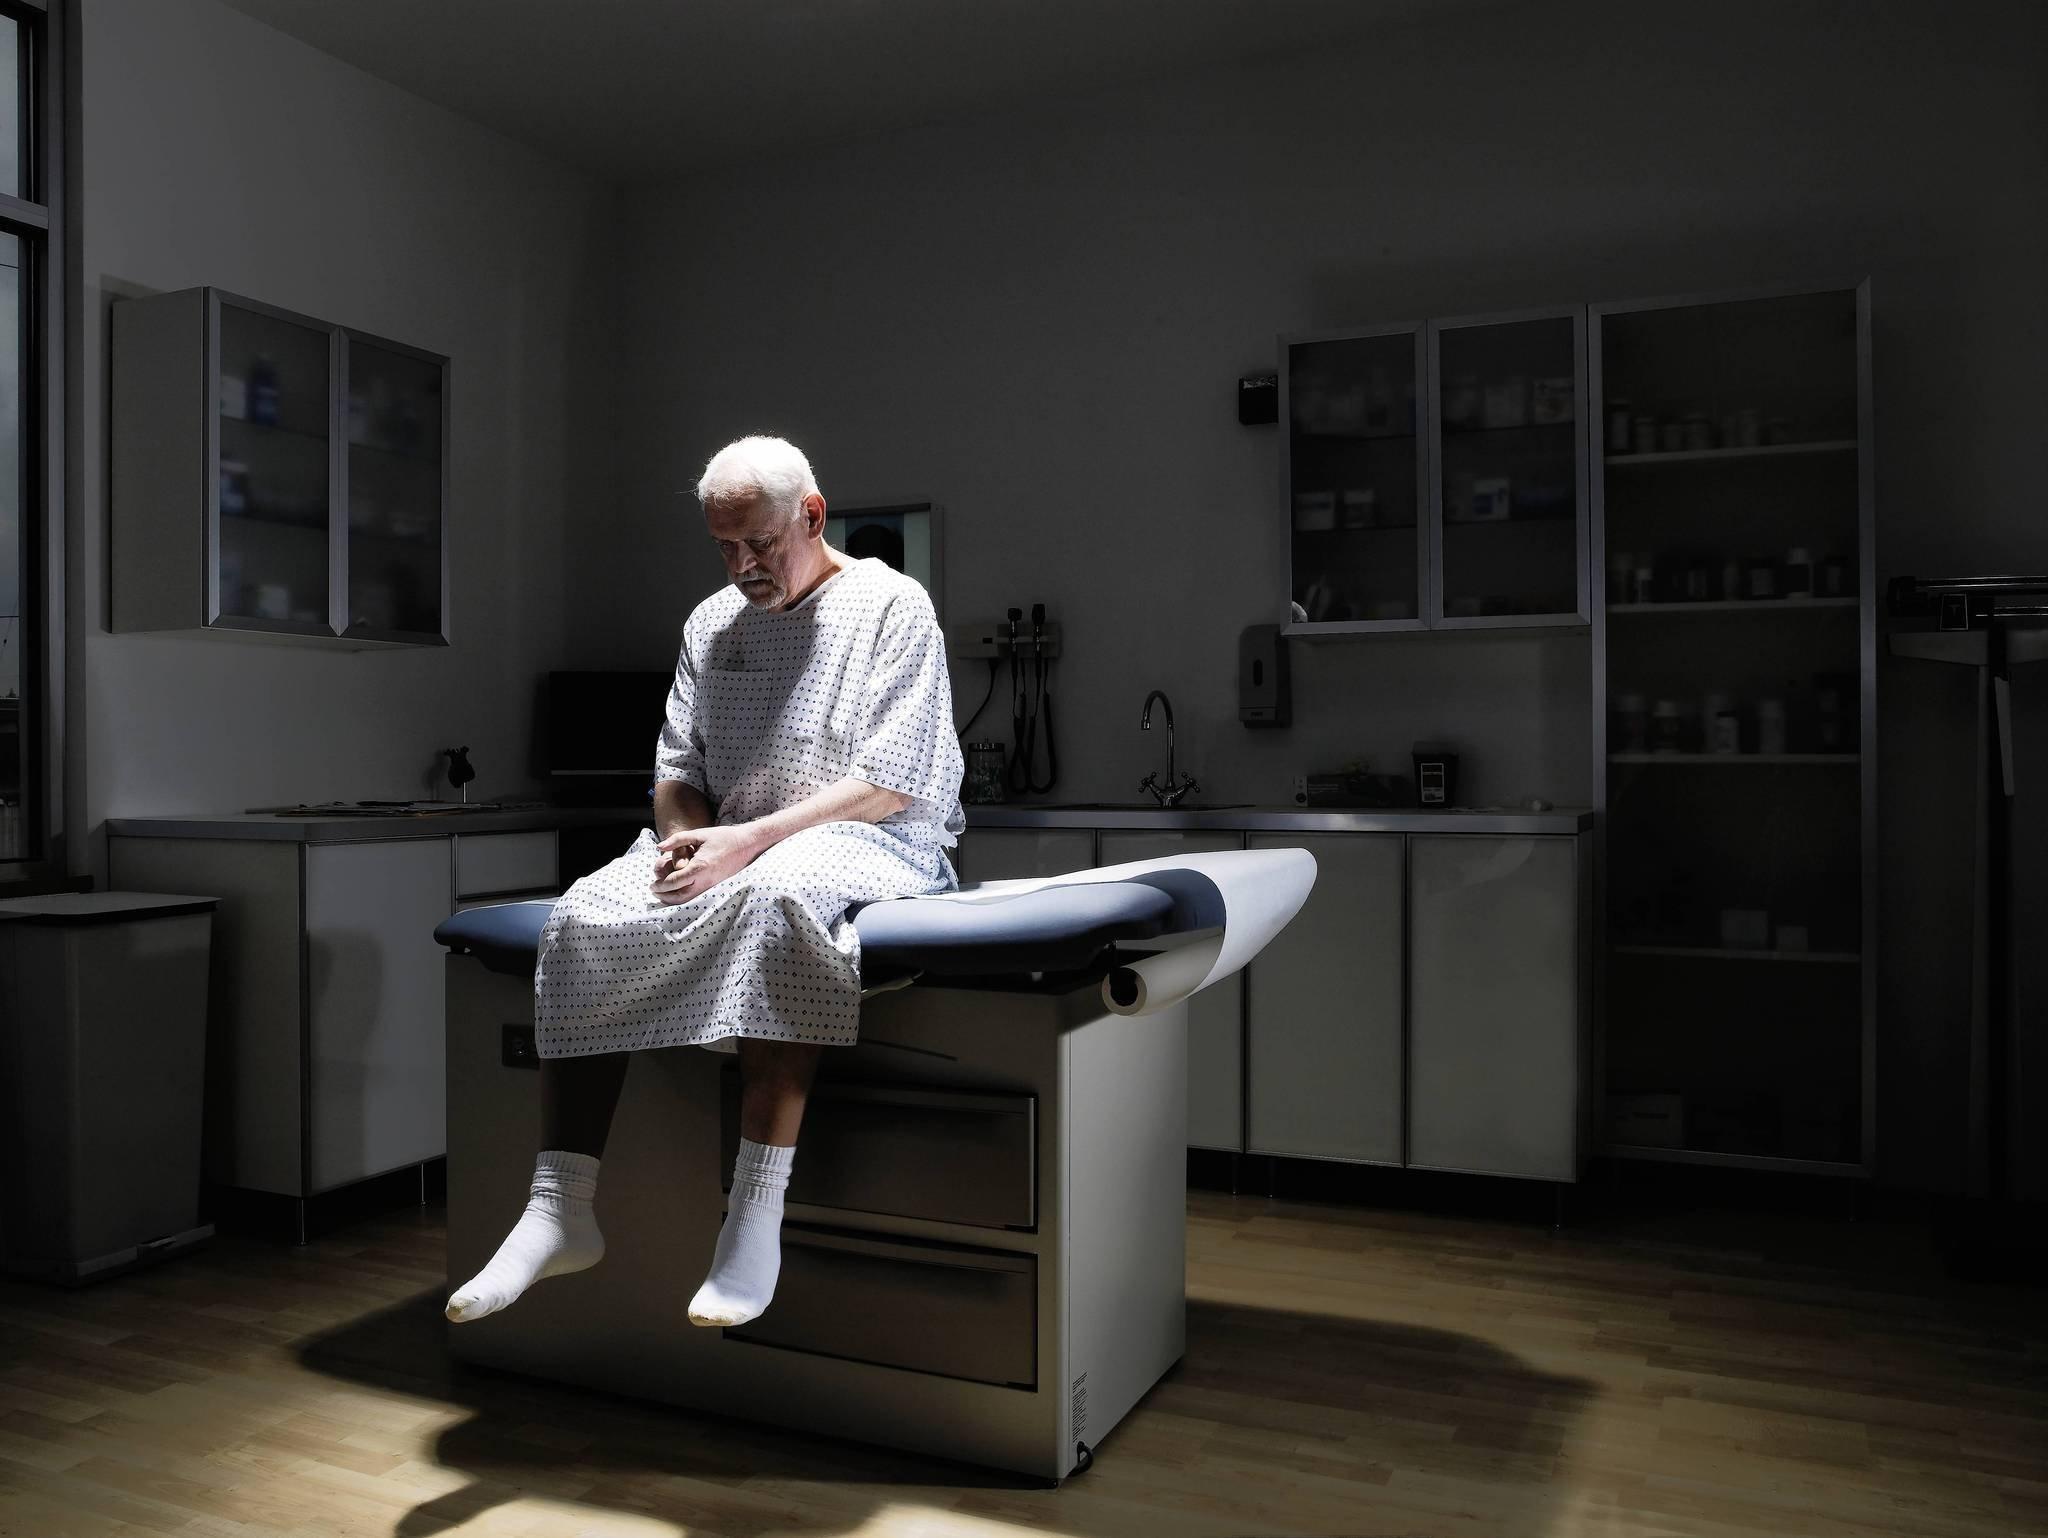 Что такое глубокая депрессия, симптомы и лечение патологии